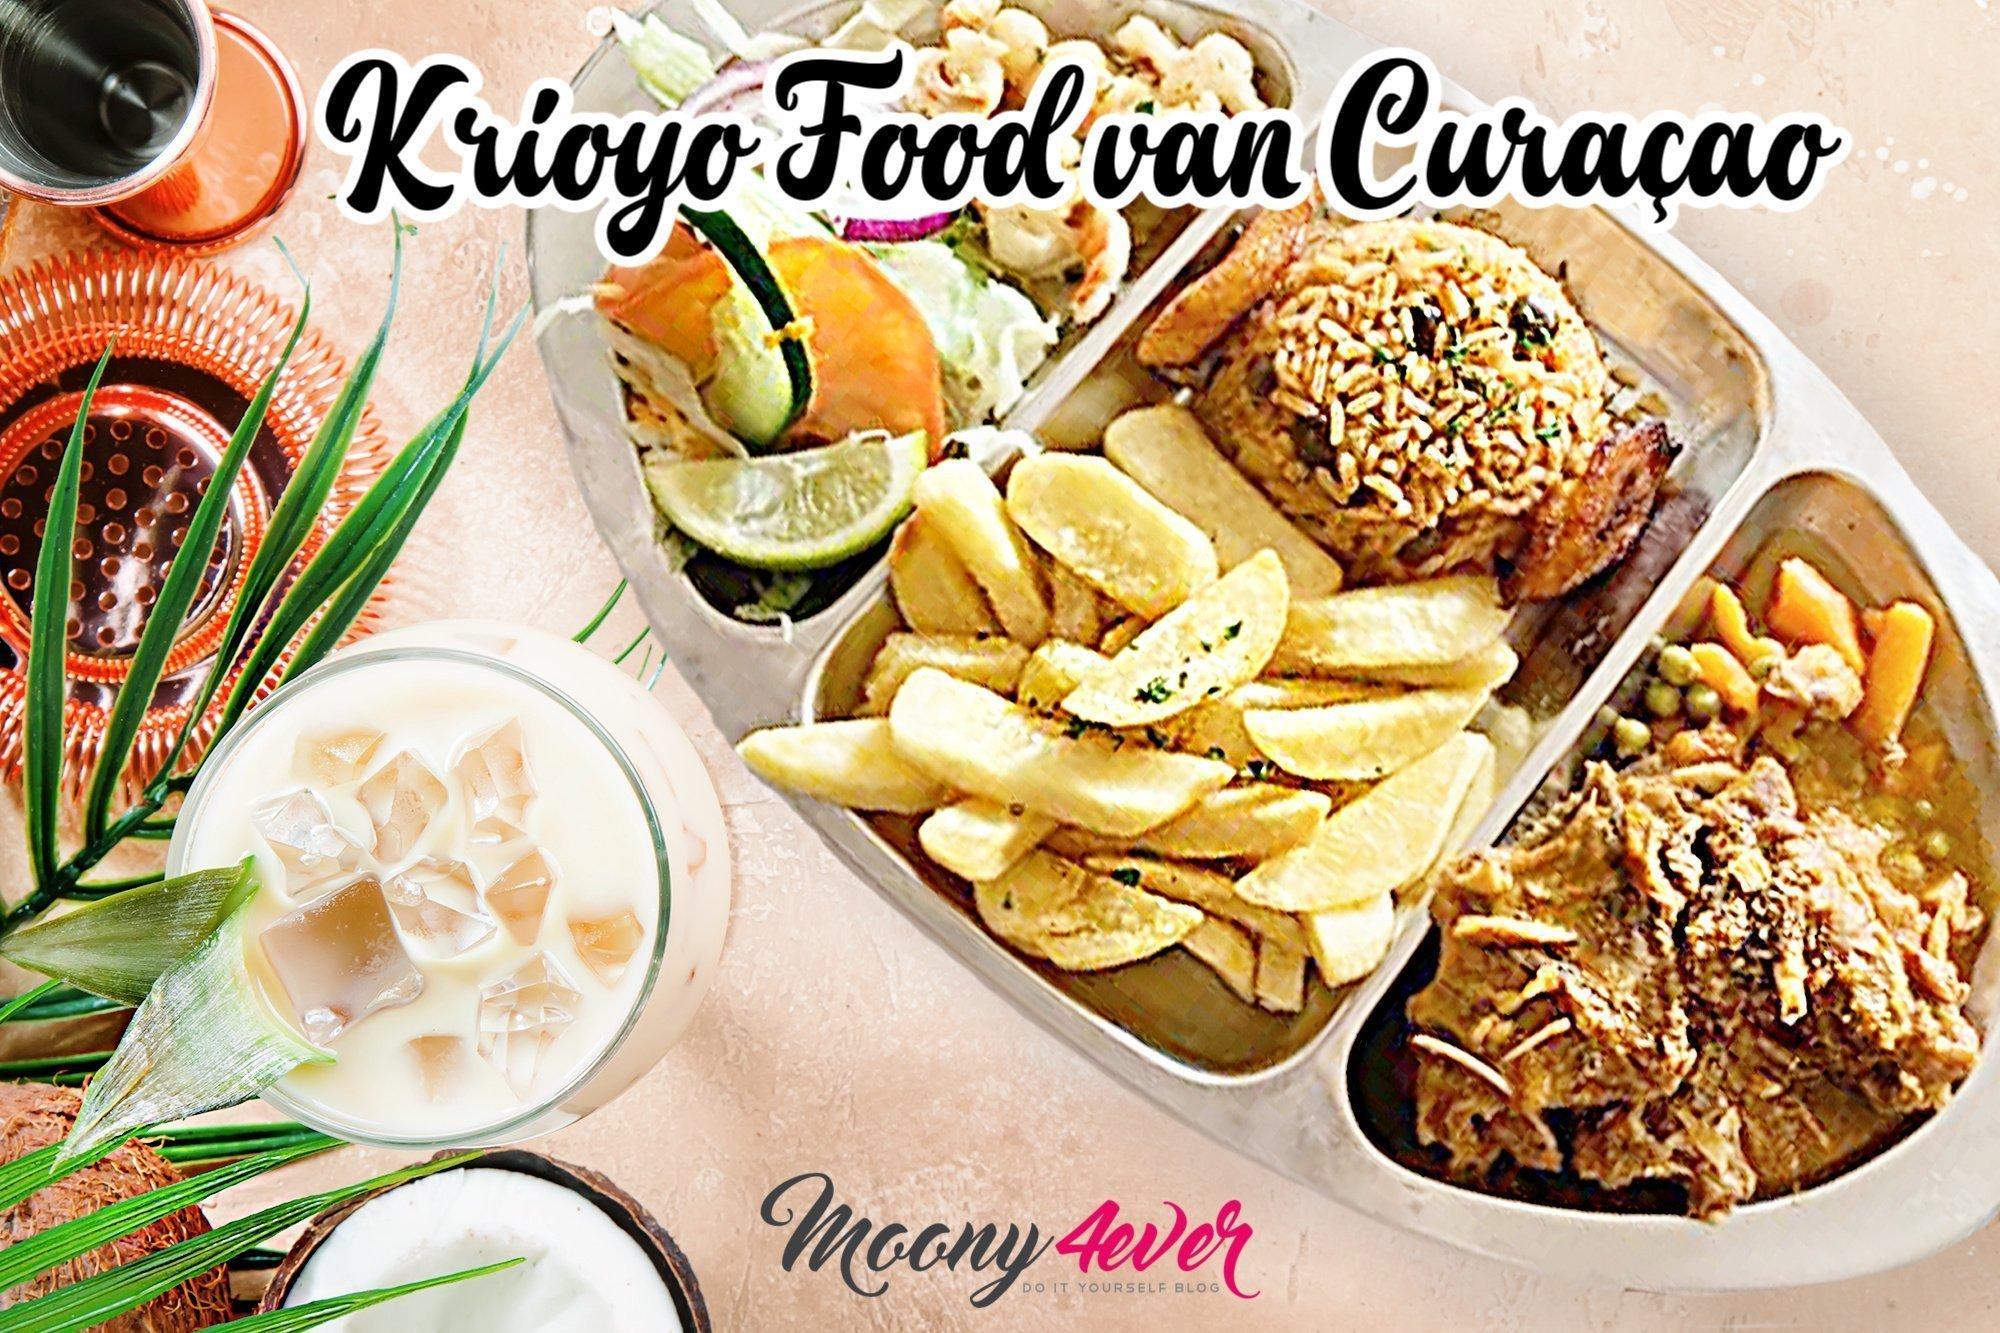 Kriyoro Food van Curacao